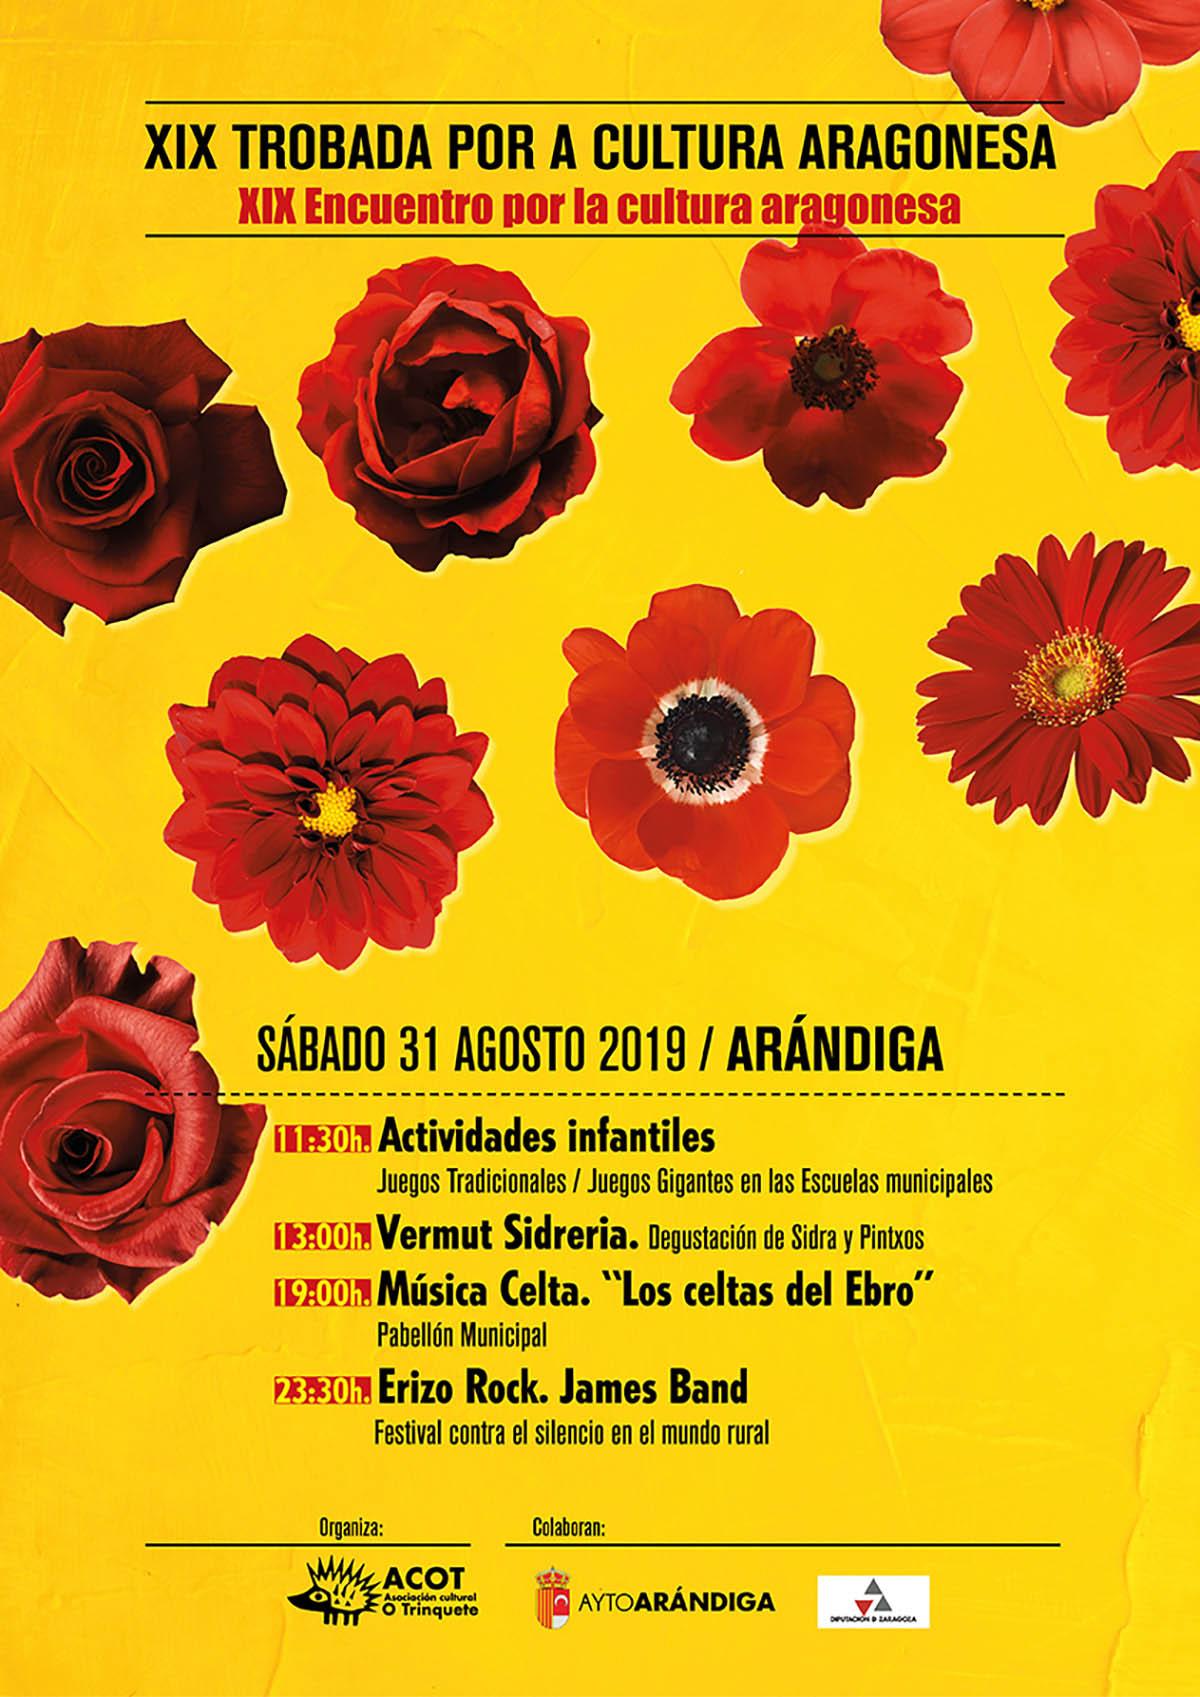 Cartel Trobada Cultura Aragonesa Arándiga